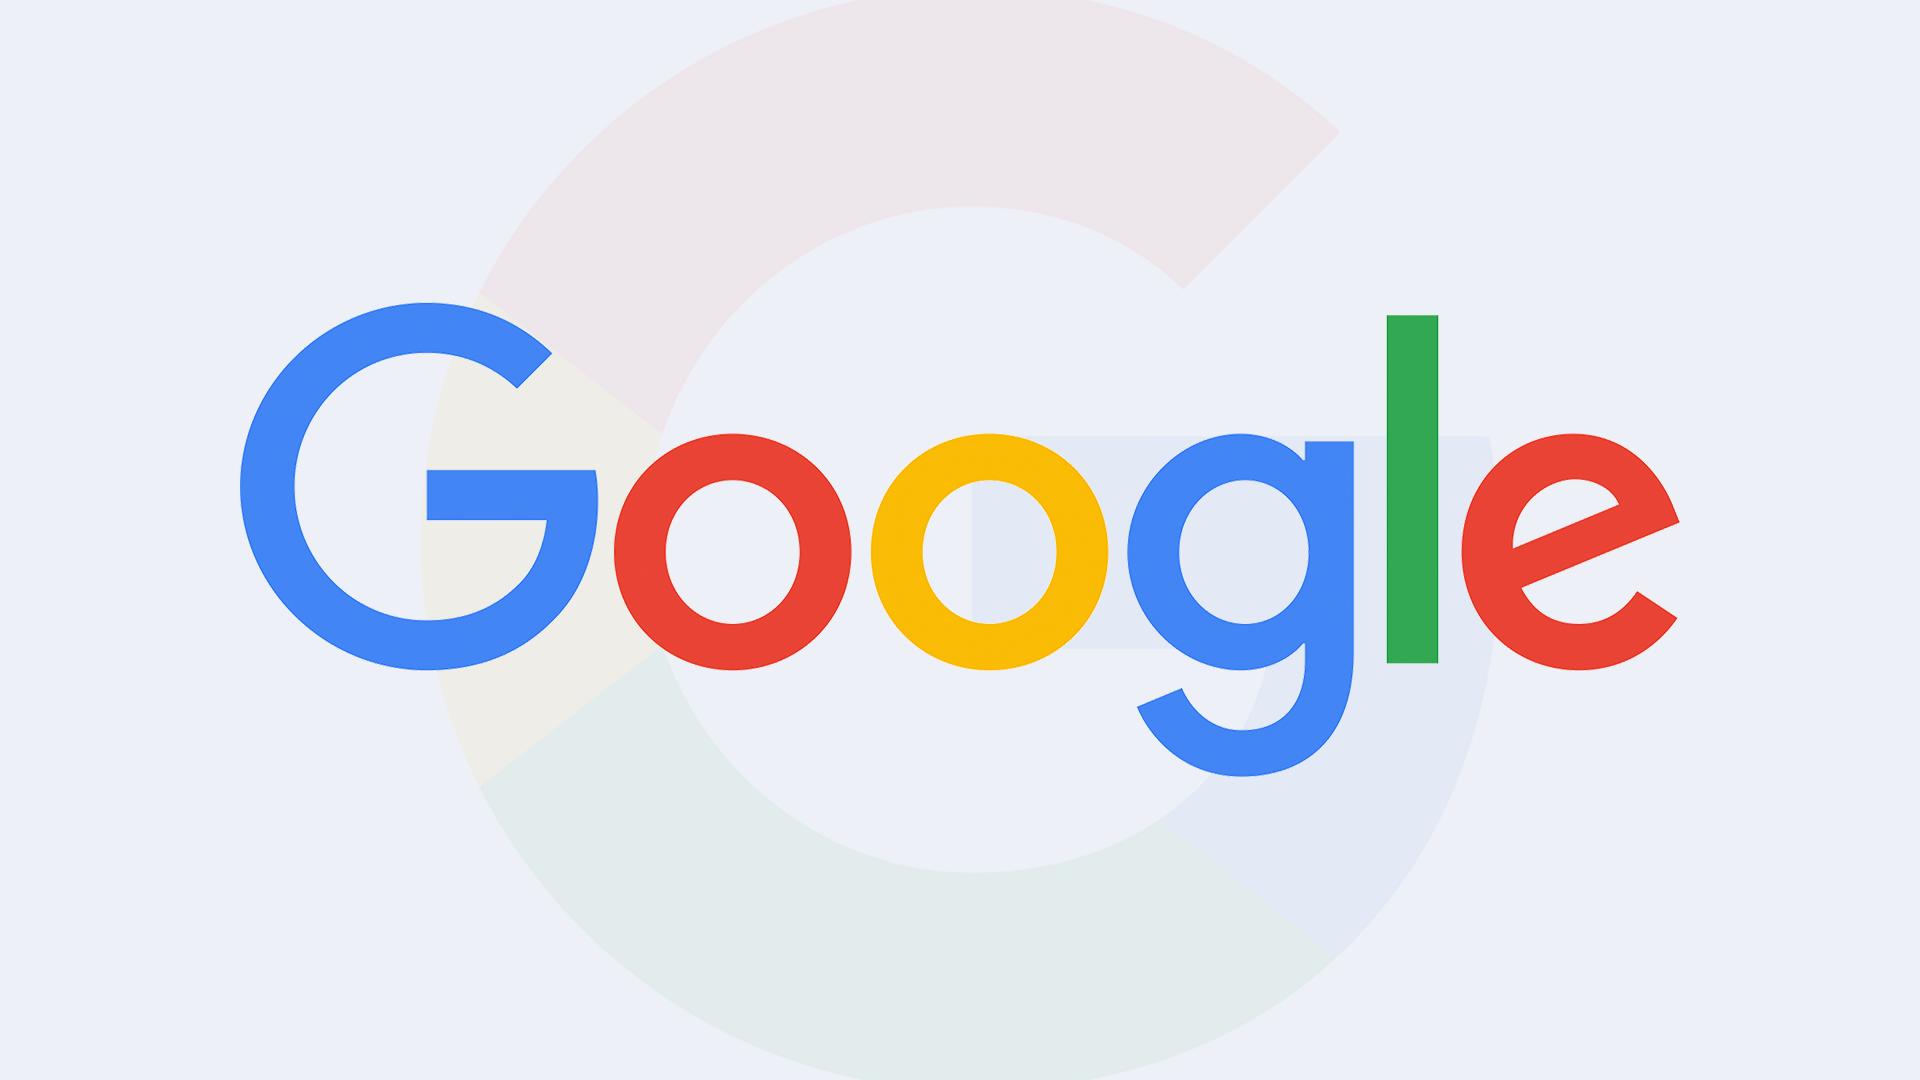 Google PlusPng.com  - Google HD PNG